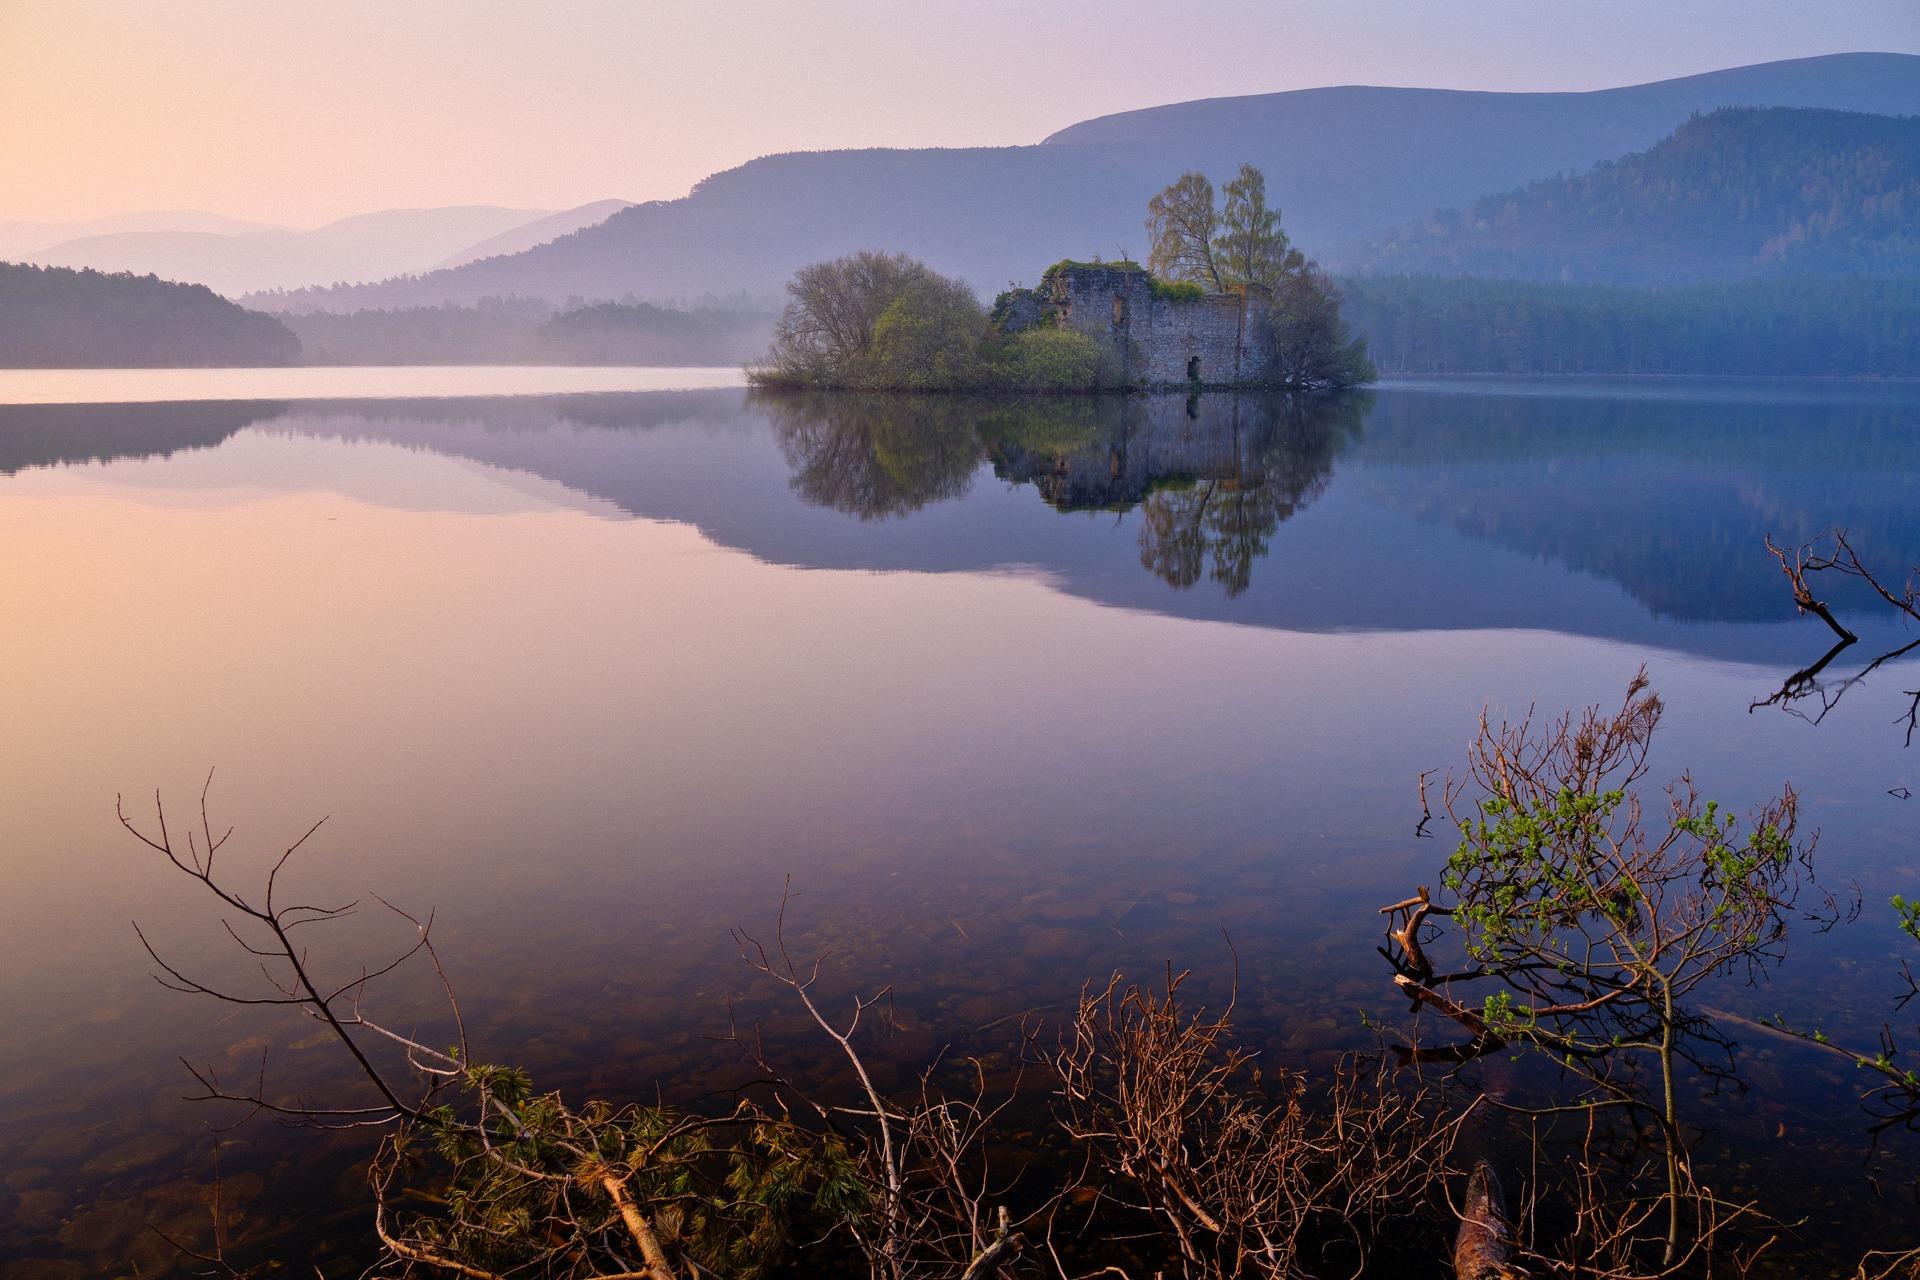 природа озеро отражение горы архитектура скачать